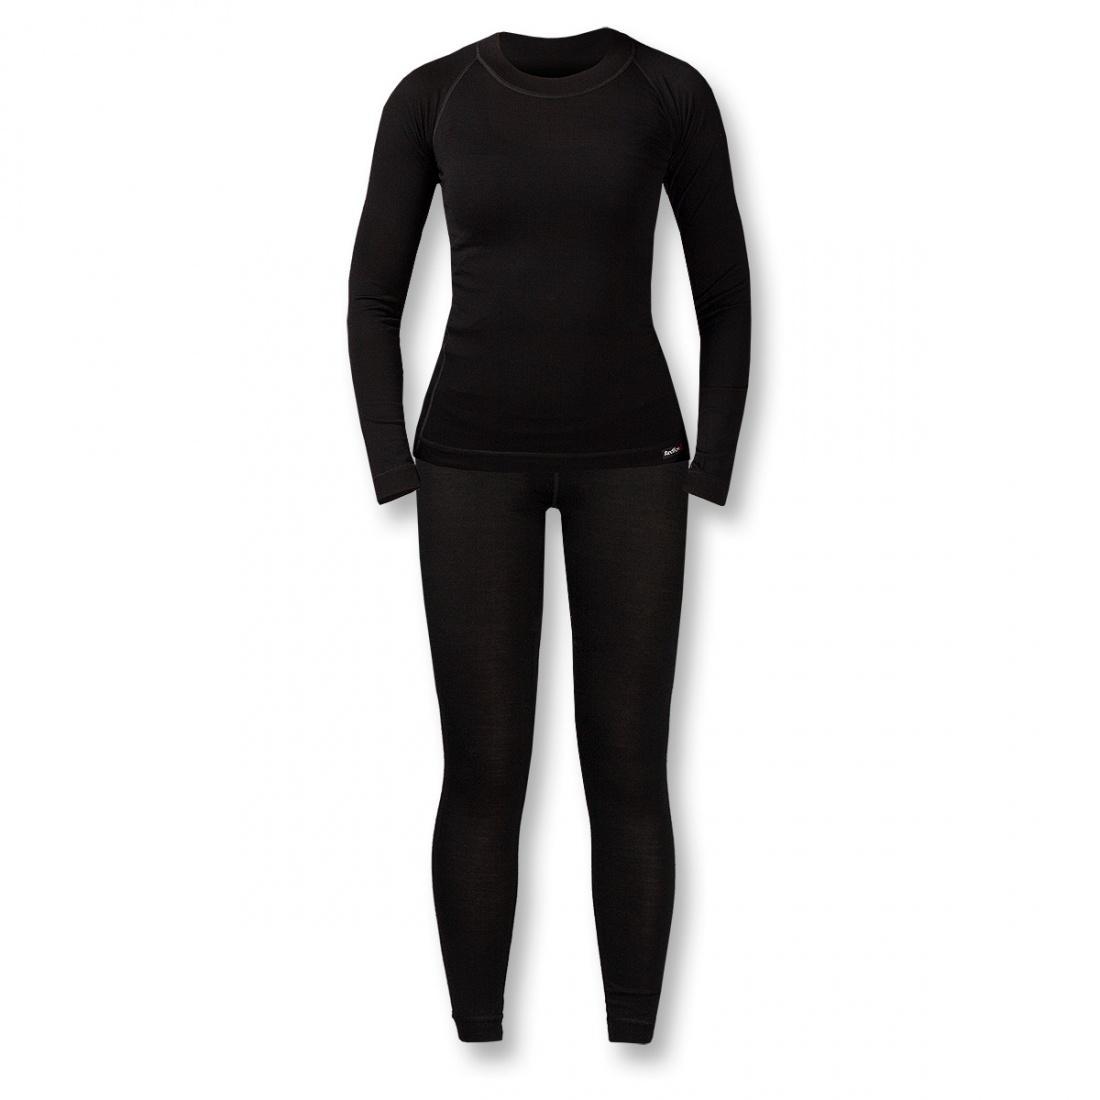 Термобелье костюм Wool Dry Light ЖенскийКомплекты<br><br> Тончайшее термобелье для женщин из мериносовой шерсти: оно достаточно теплое и пуловер можно носить как самостоятельный элемент одежды.В качестве базового слоя костюм прекрасно подходит для занятий спортом в холодную погоду зимой.<br><br><br> Ос...<br><br>Цвет: Черный<br>Размер: 48